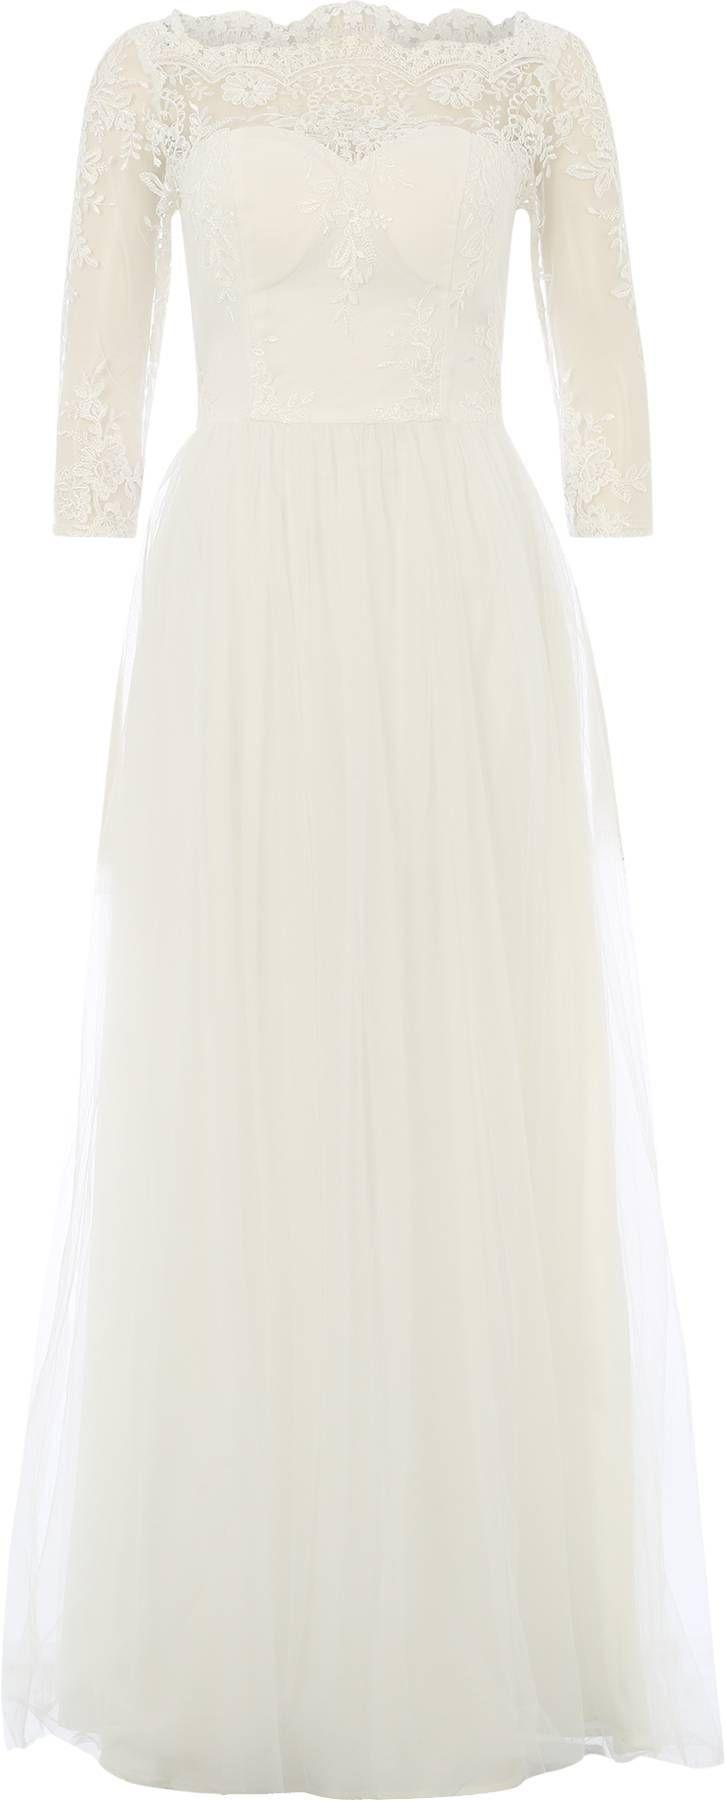 Hochzeitskleid \'Mary-Jane\' von Chi Chi London. Schnelle und ...